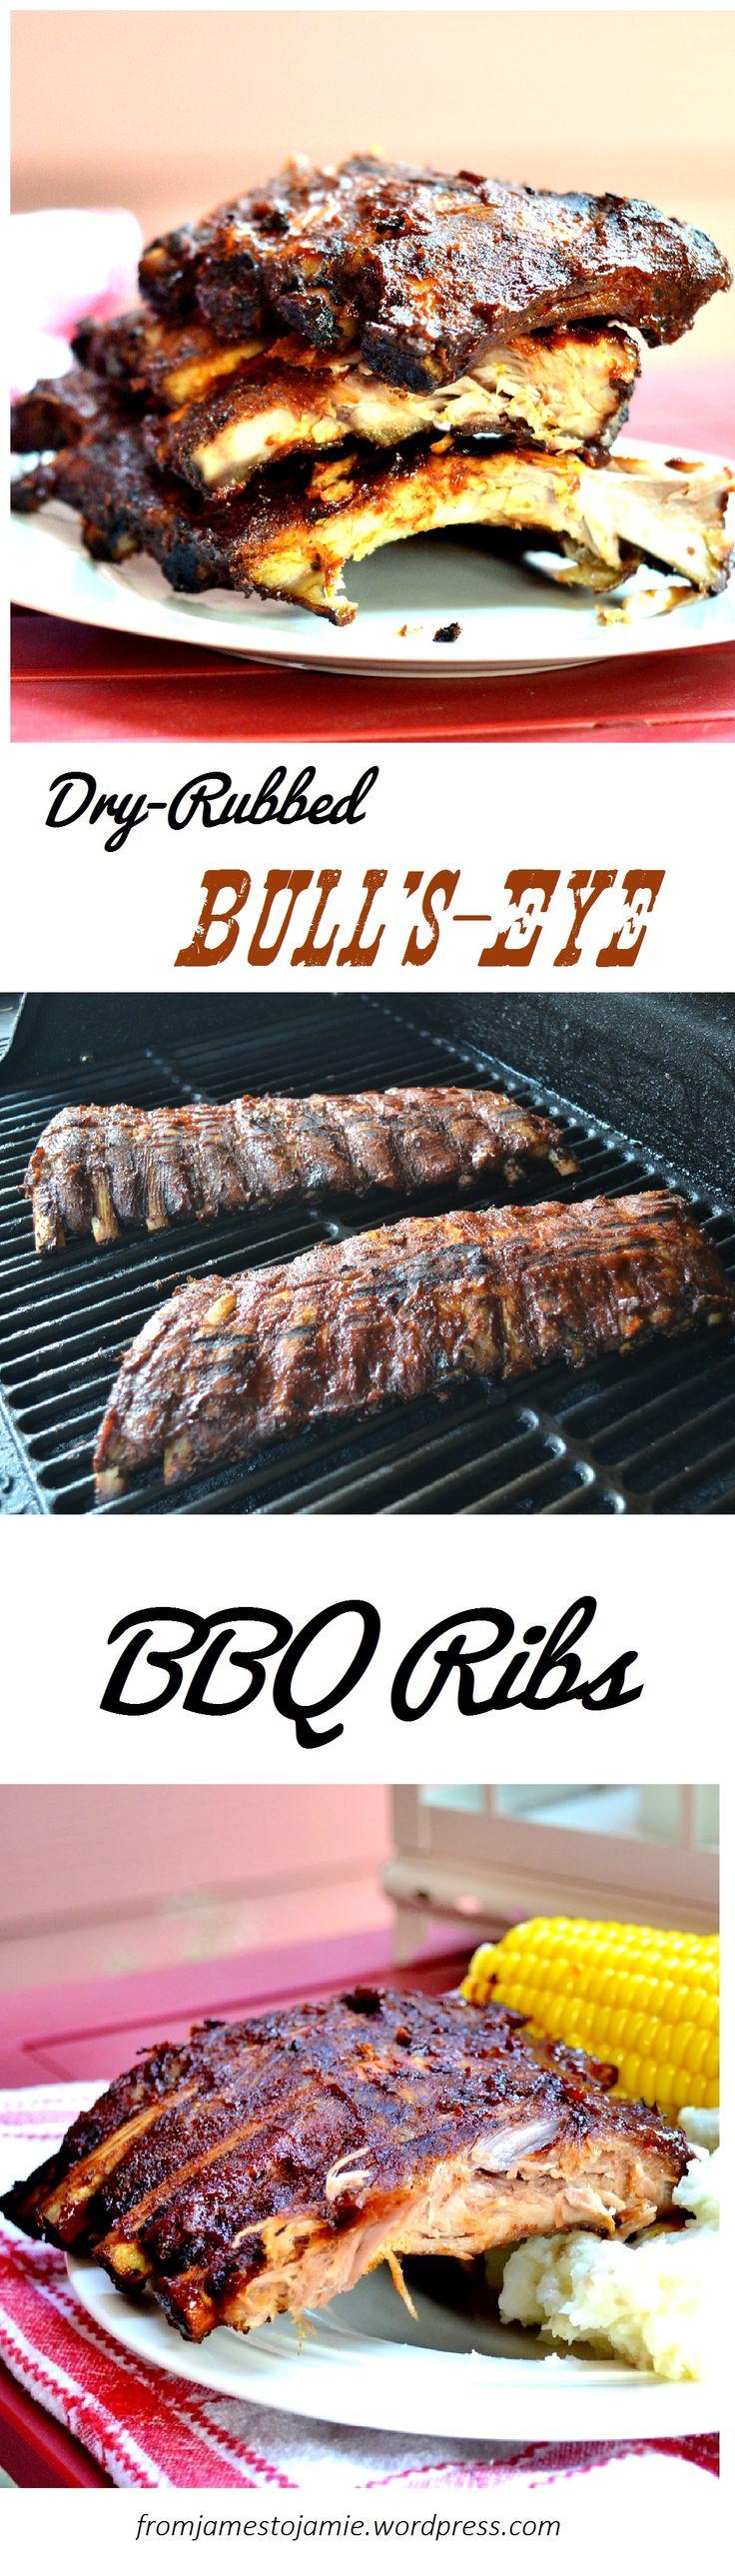 Dry-Rubbed Bull's-Eye BBQ Ribs